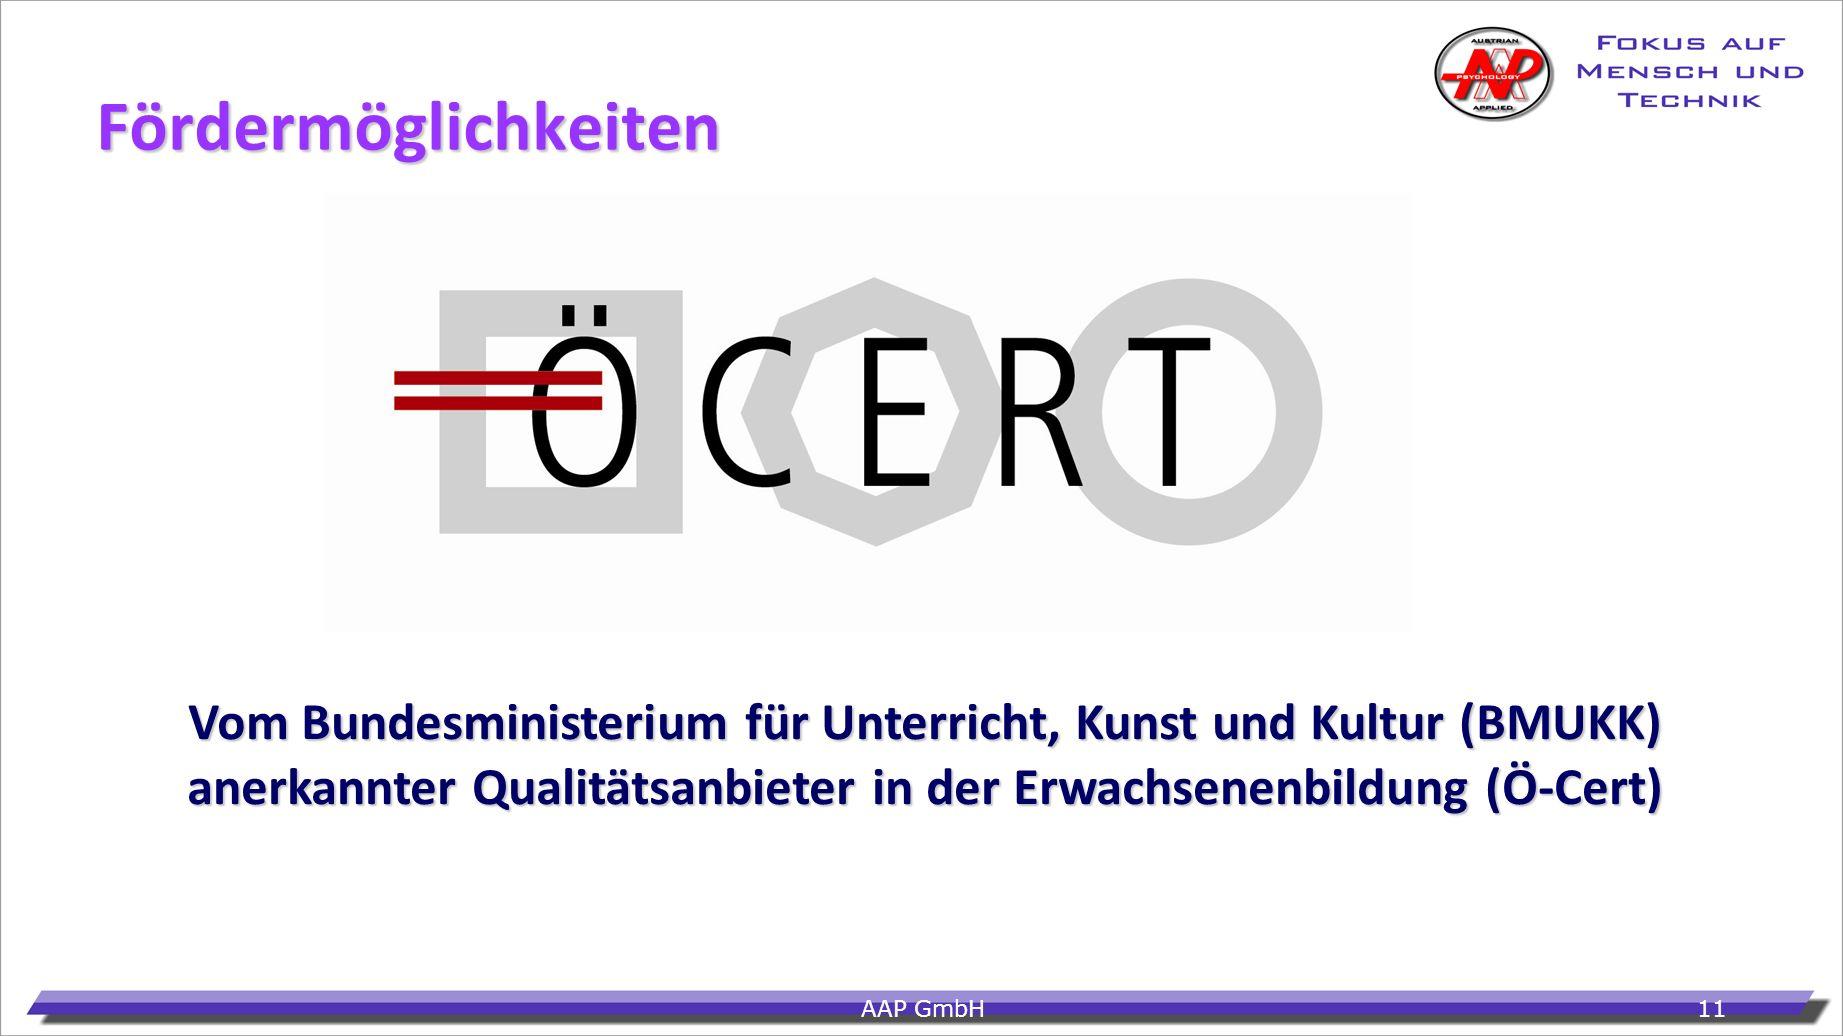 Fördermöglichkeiten Vom Bundesministerium für Unterricht, Kunst und Kultur (BMUKK) anerkannter Qualitätsanbieter in der Erwachsenenbildung (Ö-Cert)